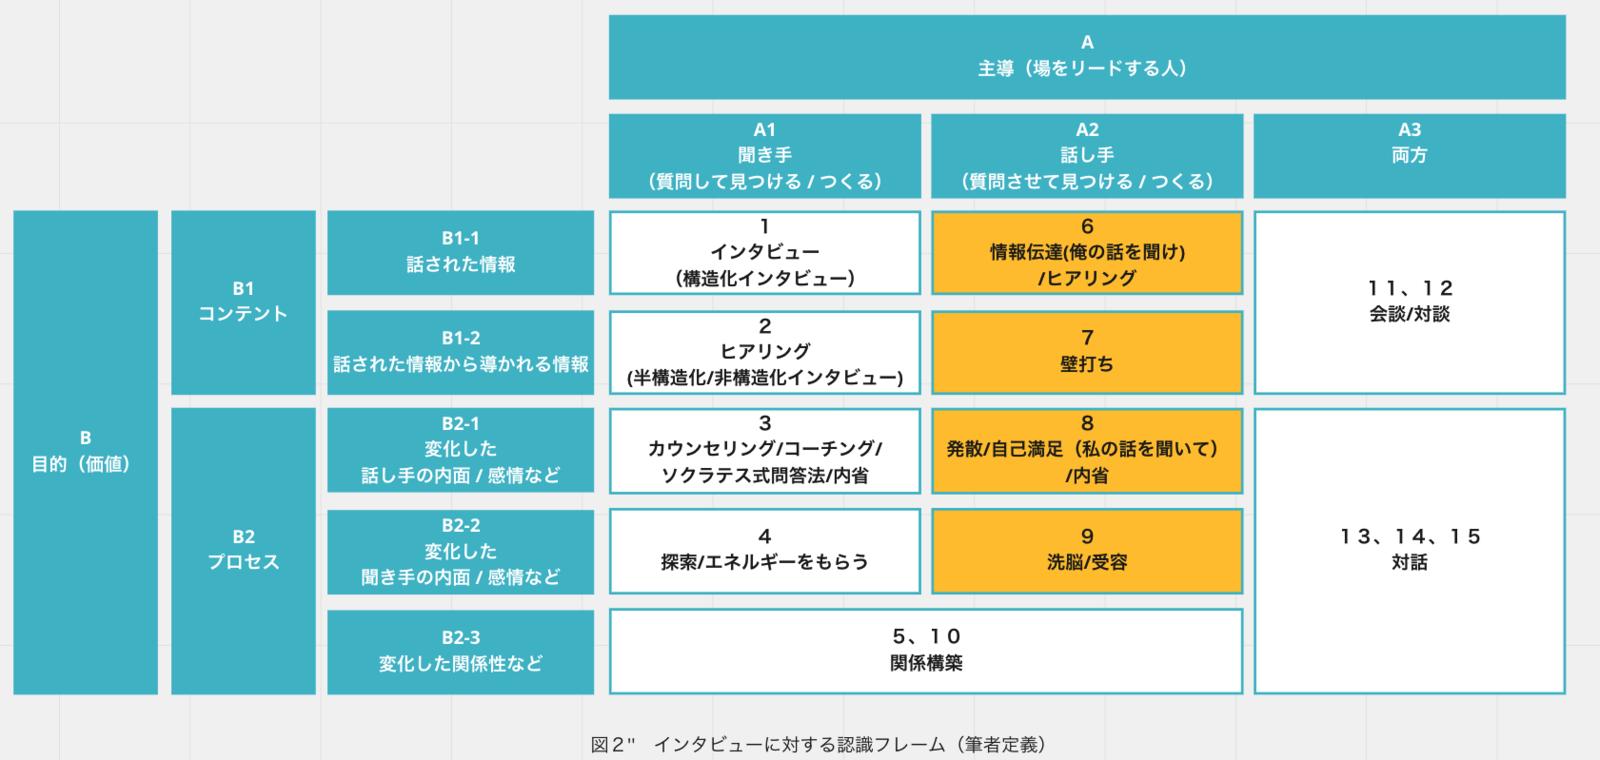 f:id:yoshitsugumi:20201226035029p:plain